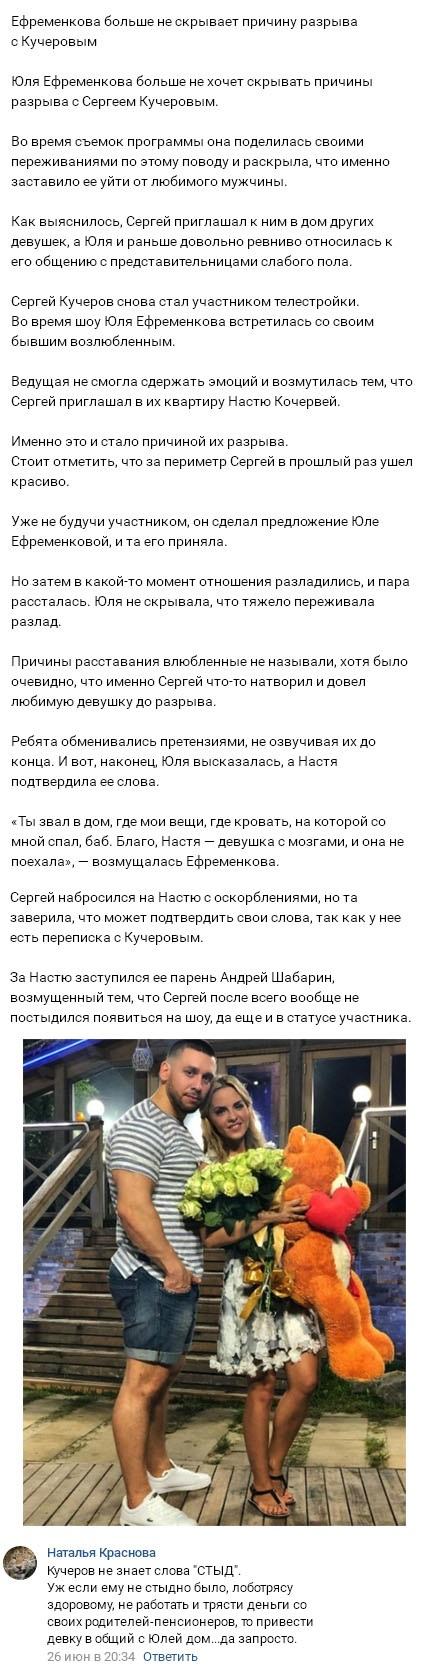 Юлия Ефременкова перестала скрывать причину расставания с Сергеем Кучеровым